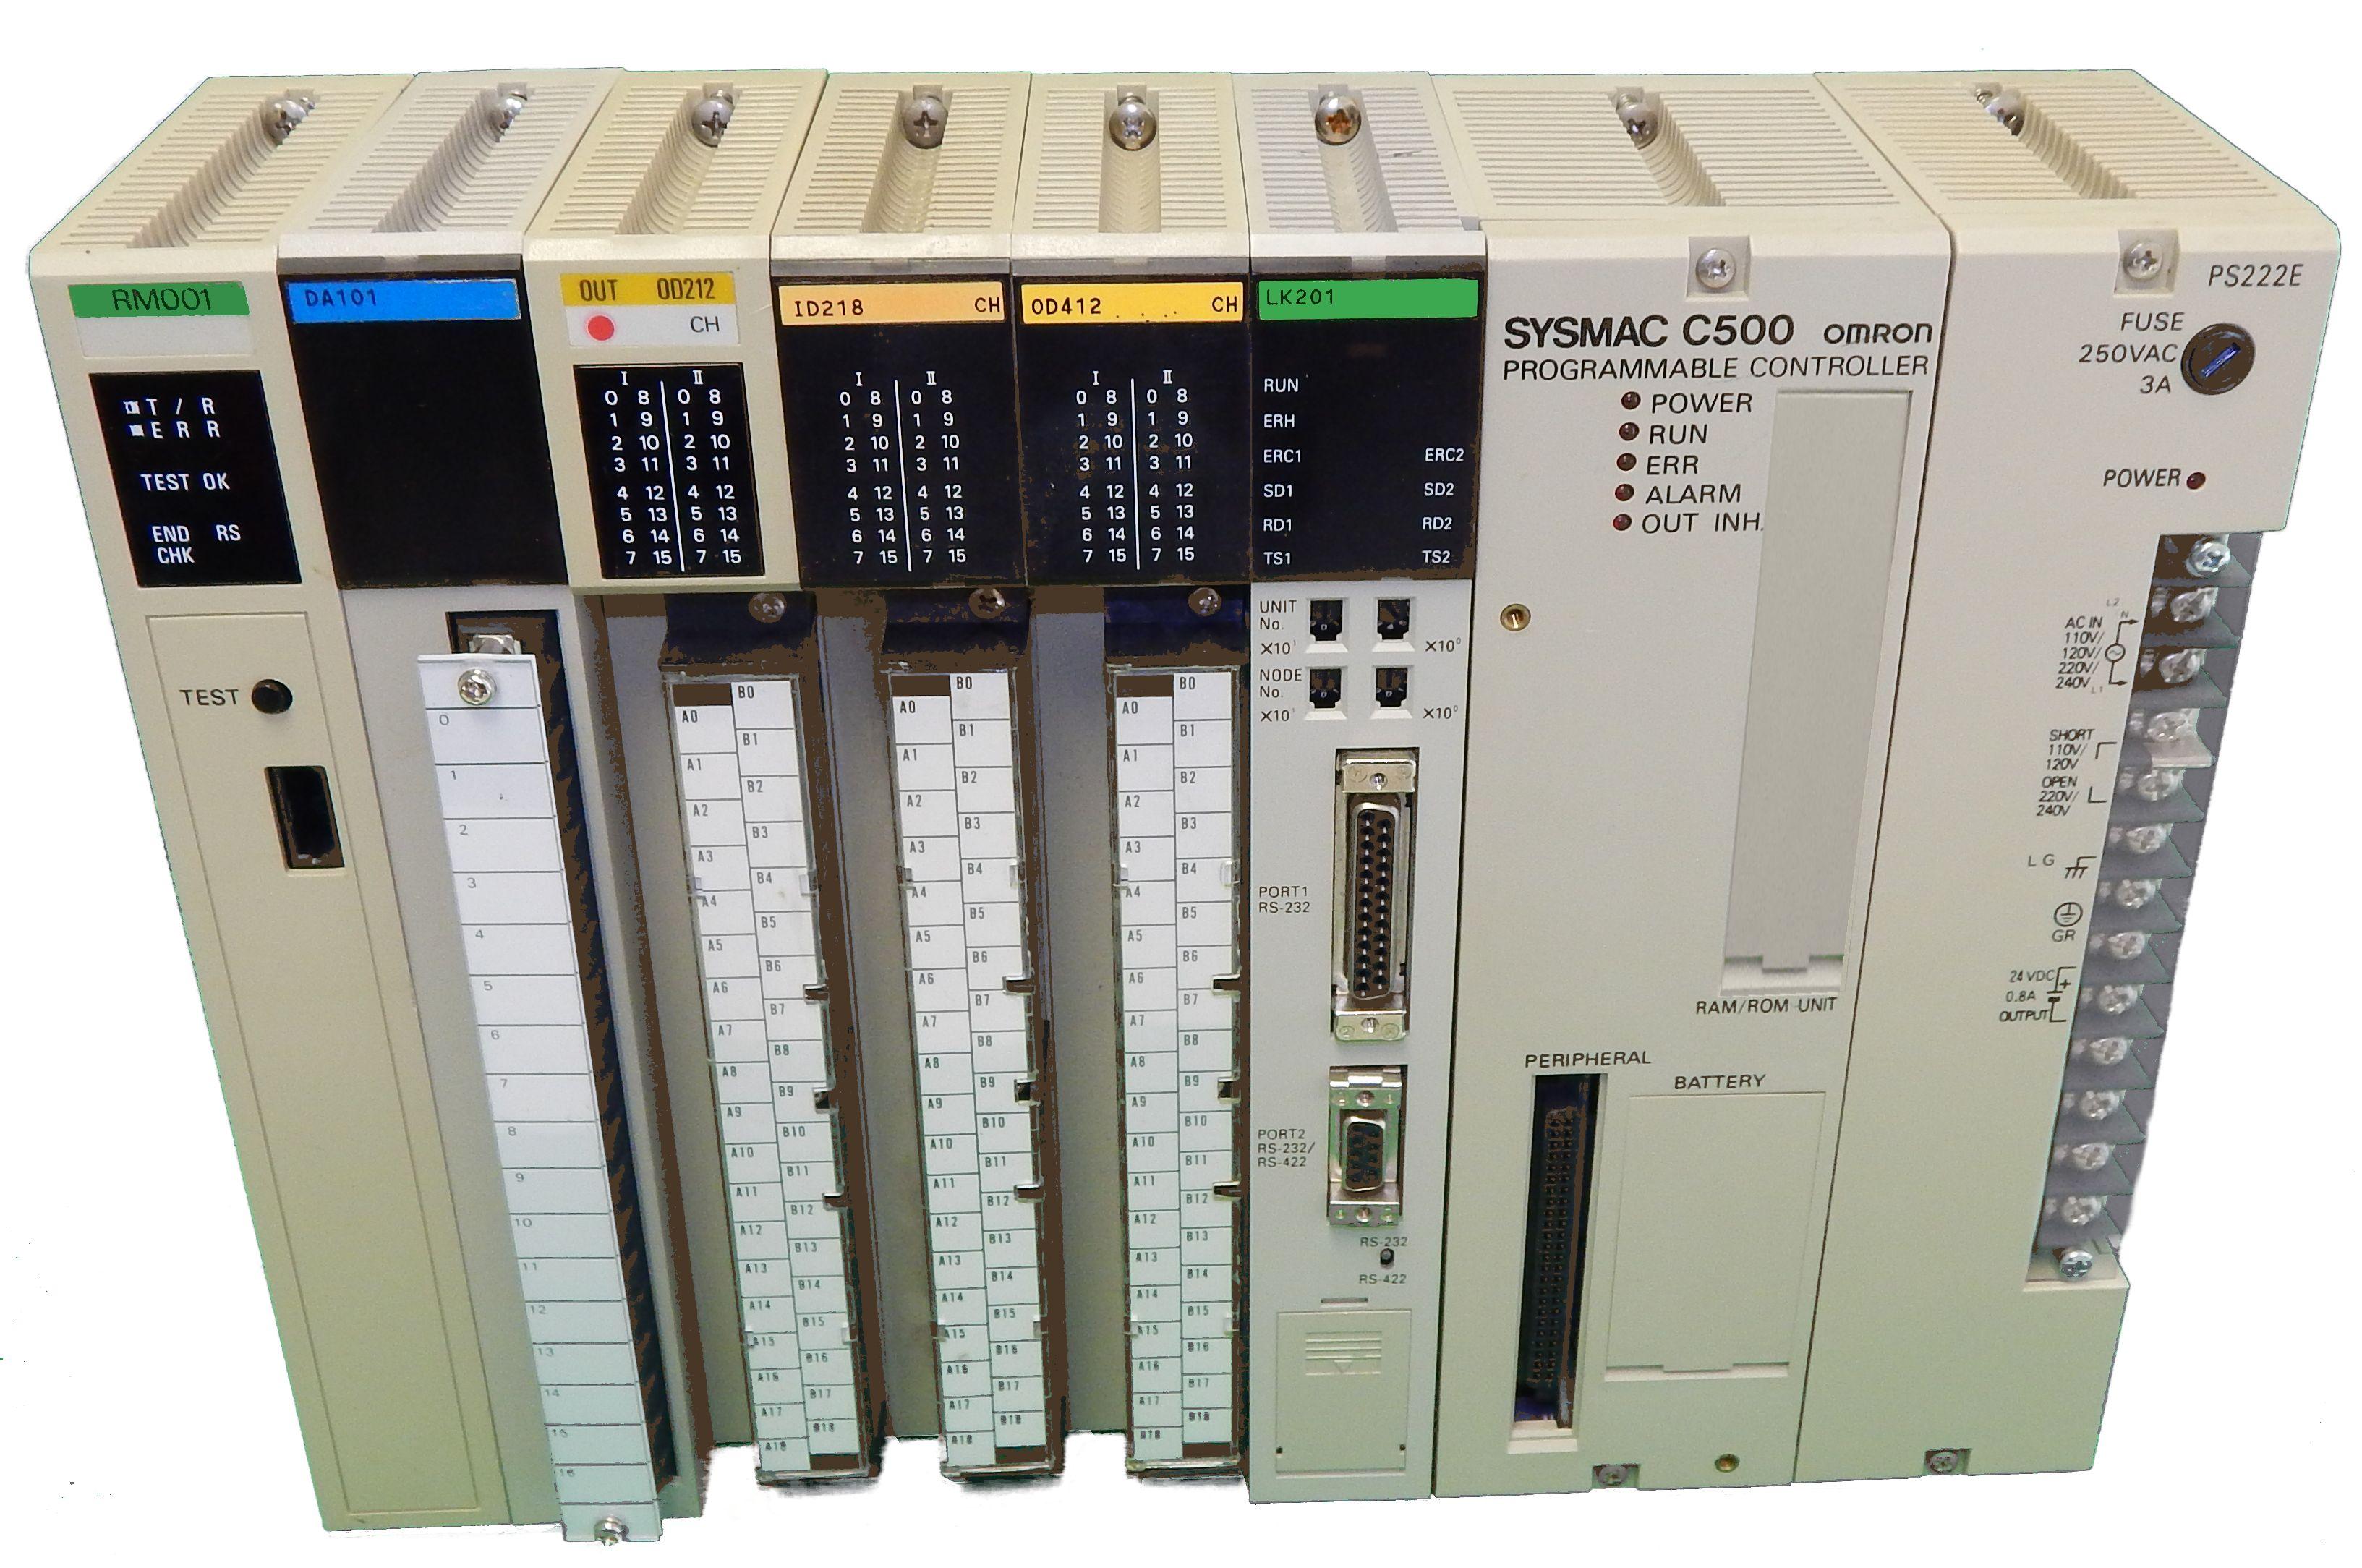 3G2A5-CPU11-E